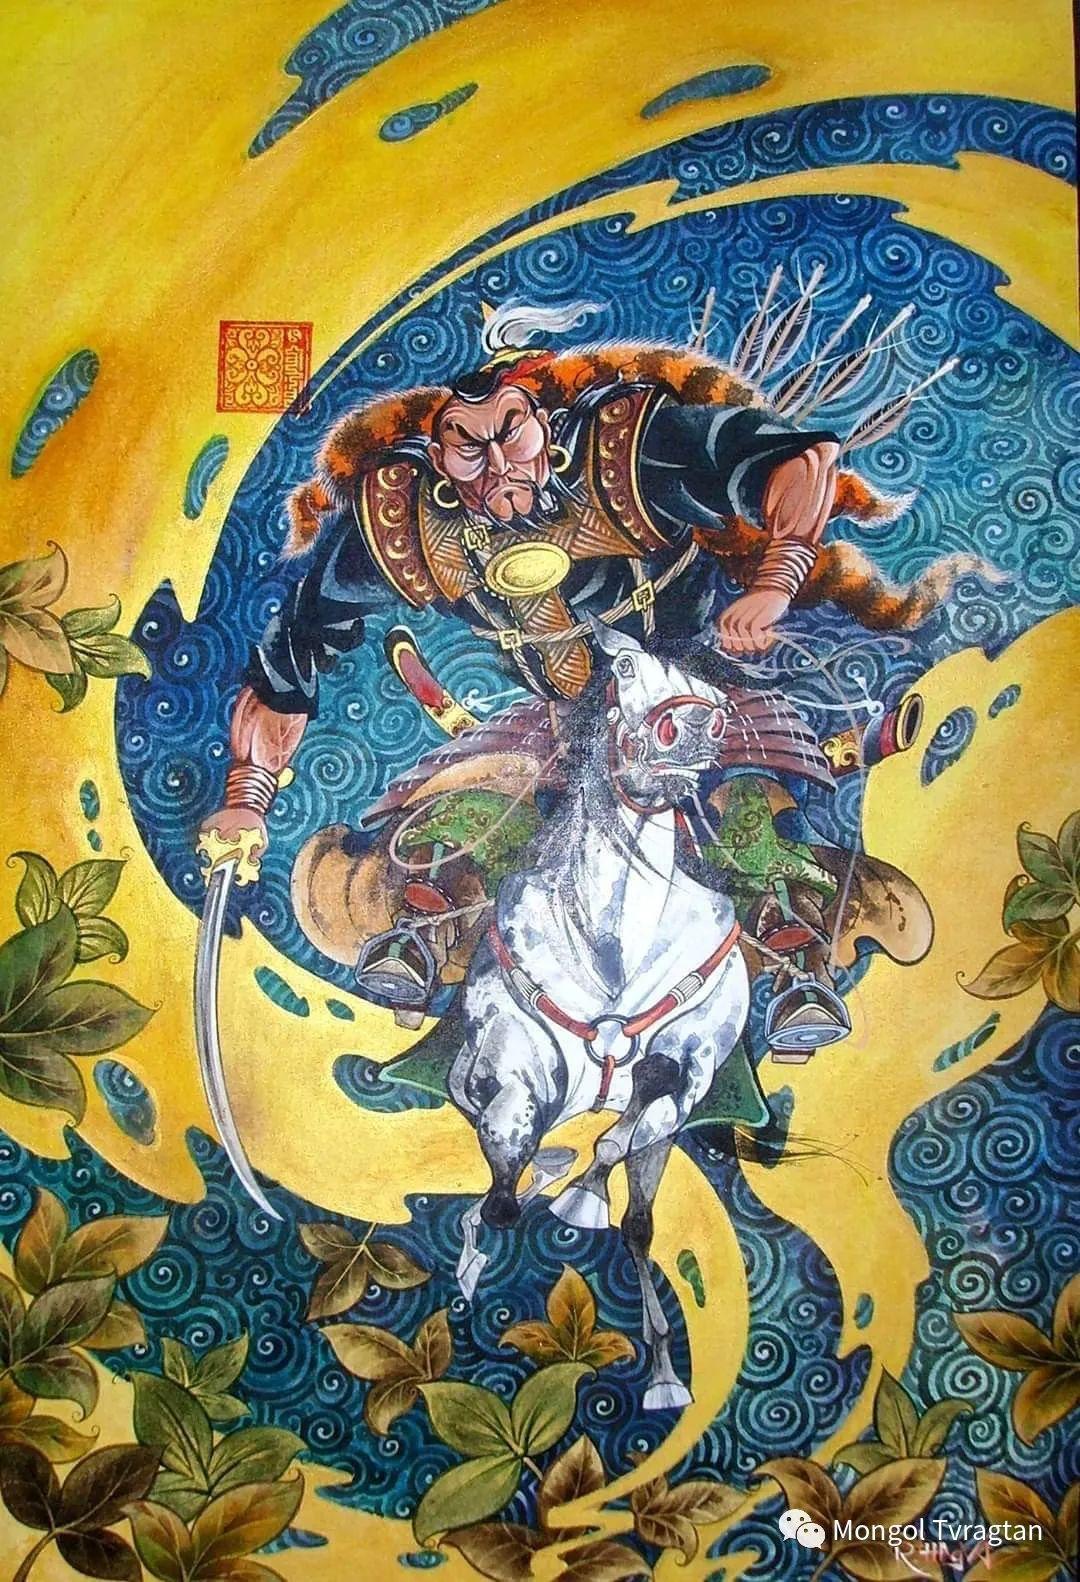 蒙古画家-- 拉哈仁亲 ᠤᠷᠠᠨ ᠵᠢᠷᠤᠭ-ᡀᠠᠭᠸᠠᠷᠢᠨᠴᠢᠨ 第6张